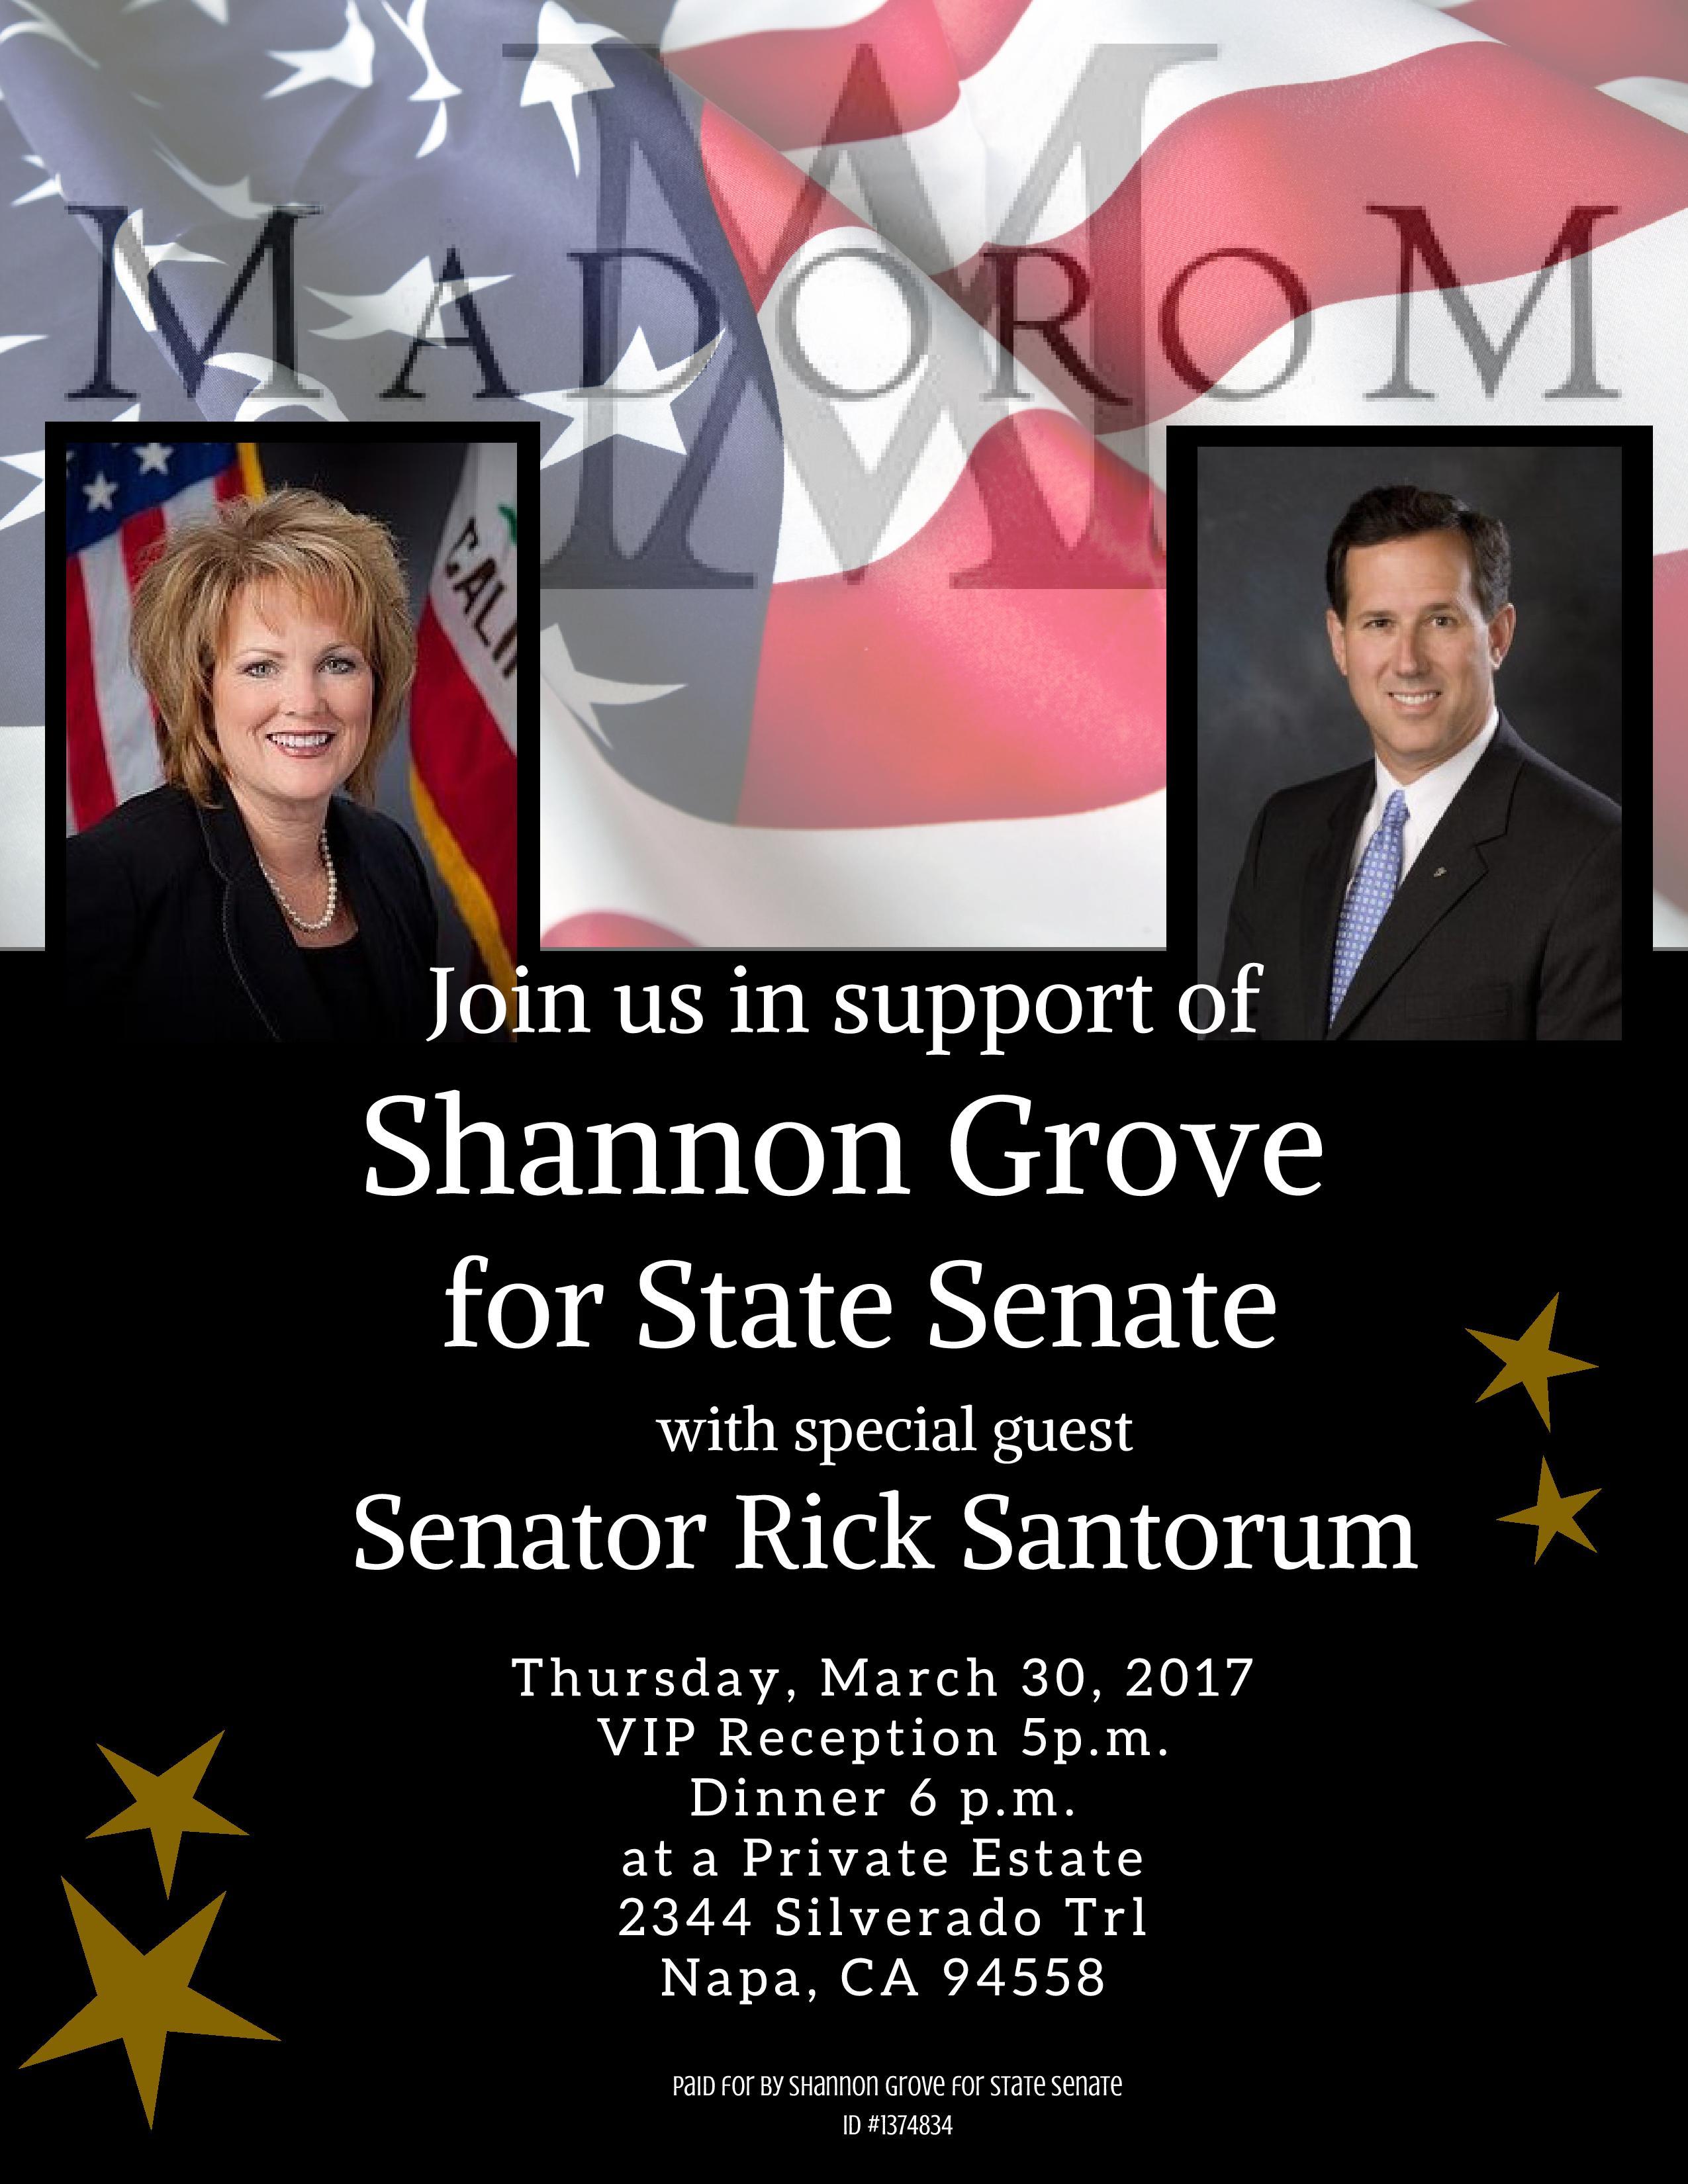 Grove__Santorum___MadoroM_(1)-page-001.jpg